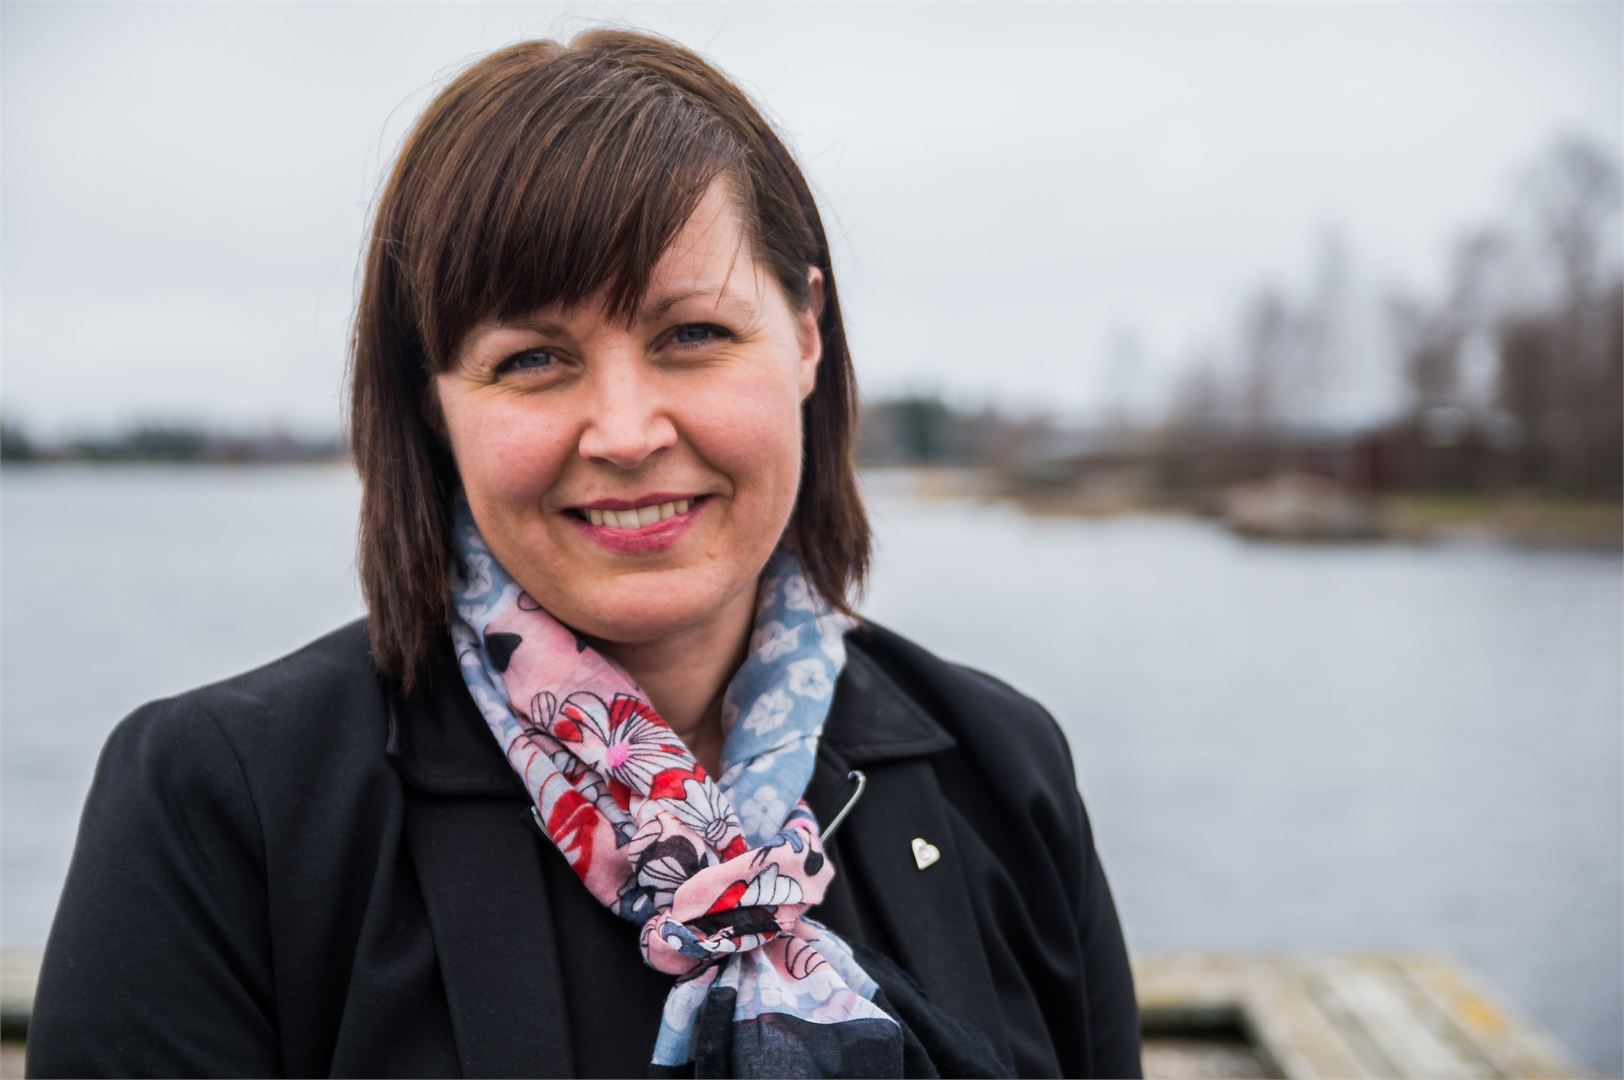 Cityryhmän toiminnanjohtaja Camilla Nyman toivoo, että uudistettua toria voitaisiin hyödyntää tulevaisuudessa enemmän erilaisissa tapahtumissa ja että siitä tulisi asukkaiden kokoontumispaikka.